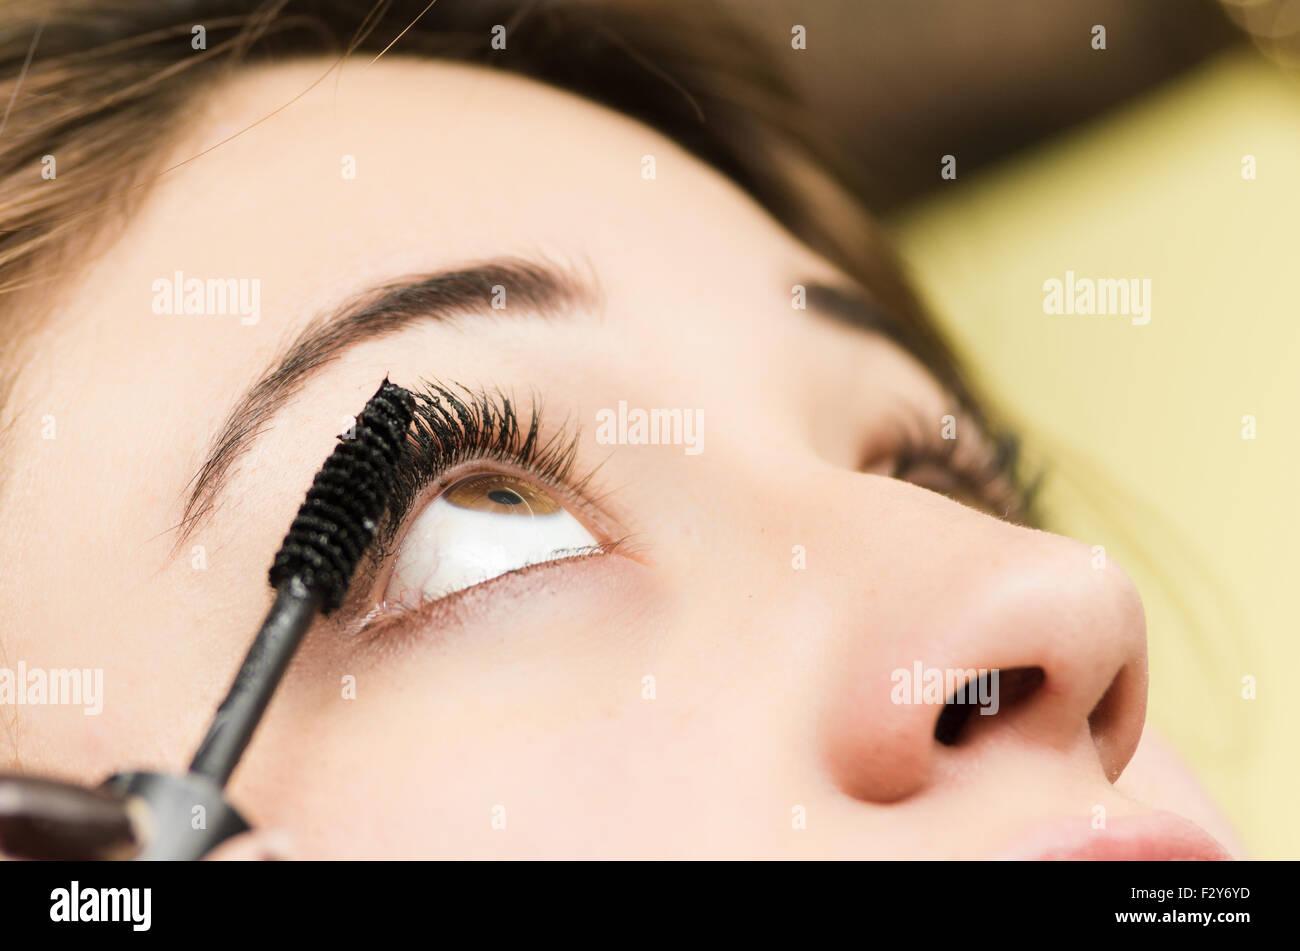 Closeup Kopfschuss Brünette immer Make-up Behandlung durch professionelle Stylist Mascara auf die Wimpern auftragen Stockbild